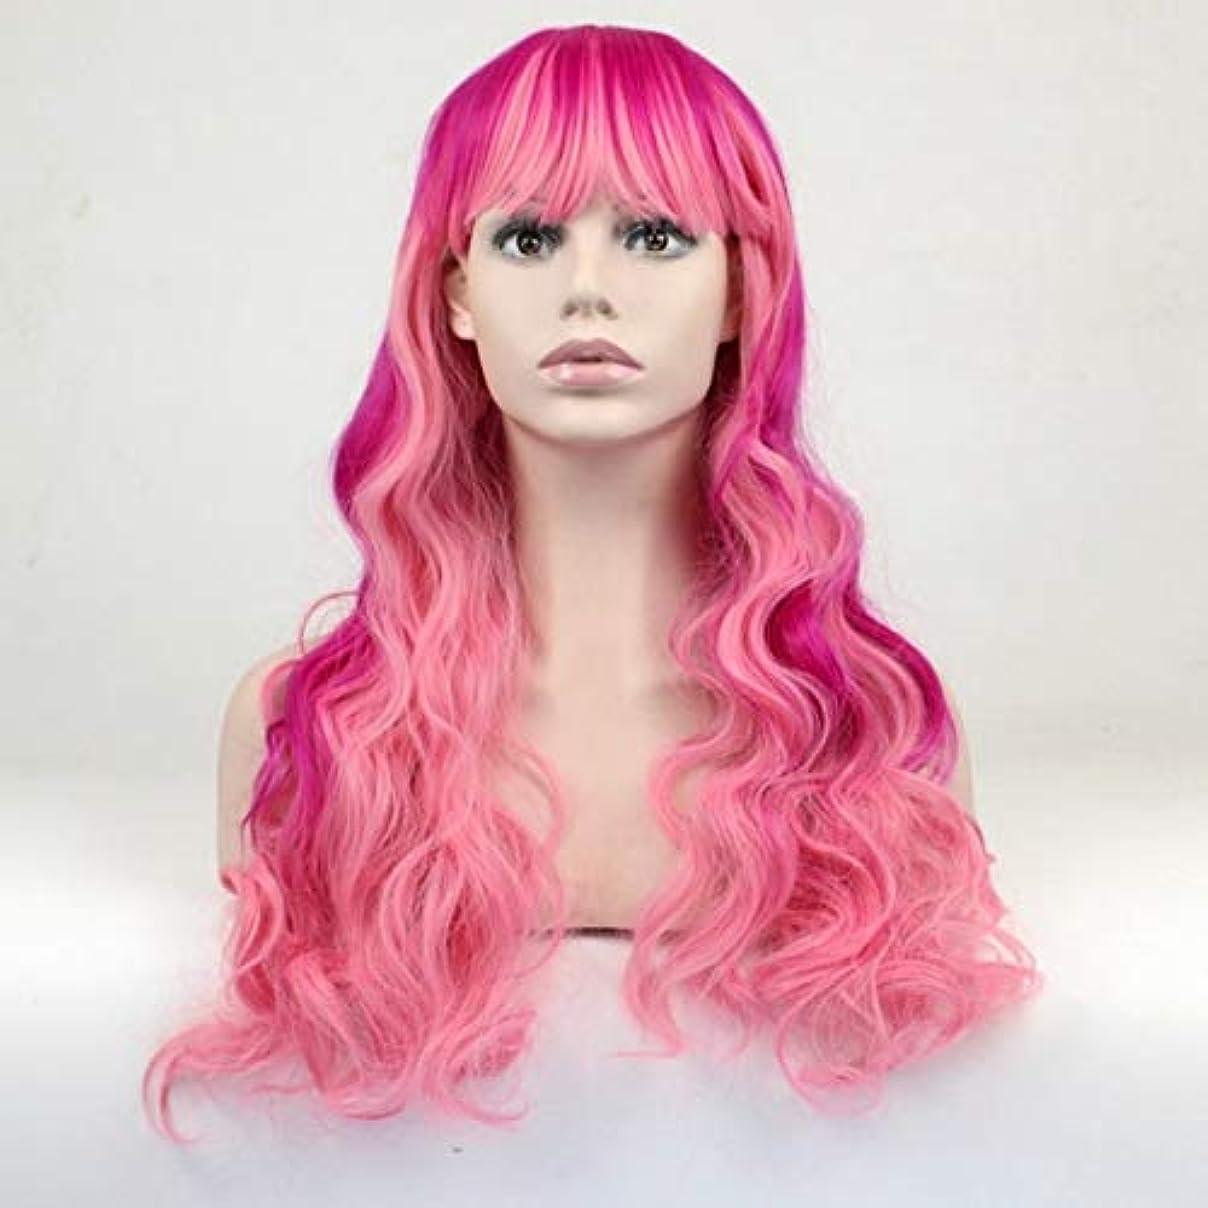 女性のための色のかつら、ポニーテールのロリータカーリーコスプレウィッグ、高密度温度合成ウィッグコスプレヘアウィッグ、耐熱繊維ヘアウィッグ (Size : 27.5in)